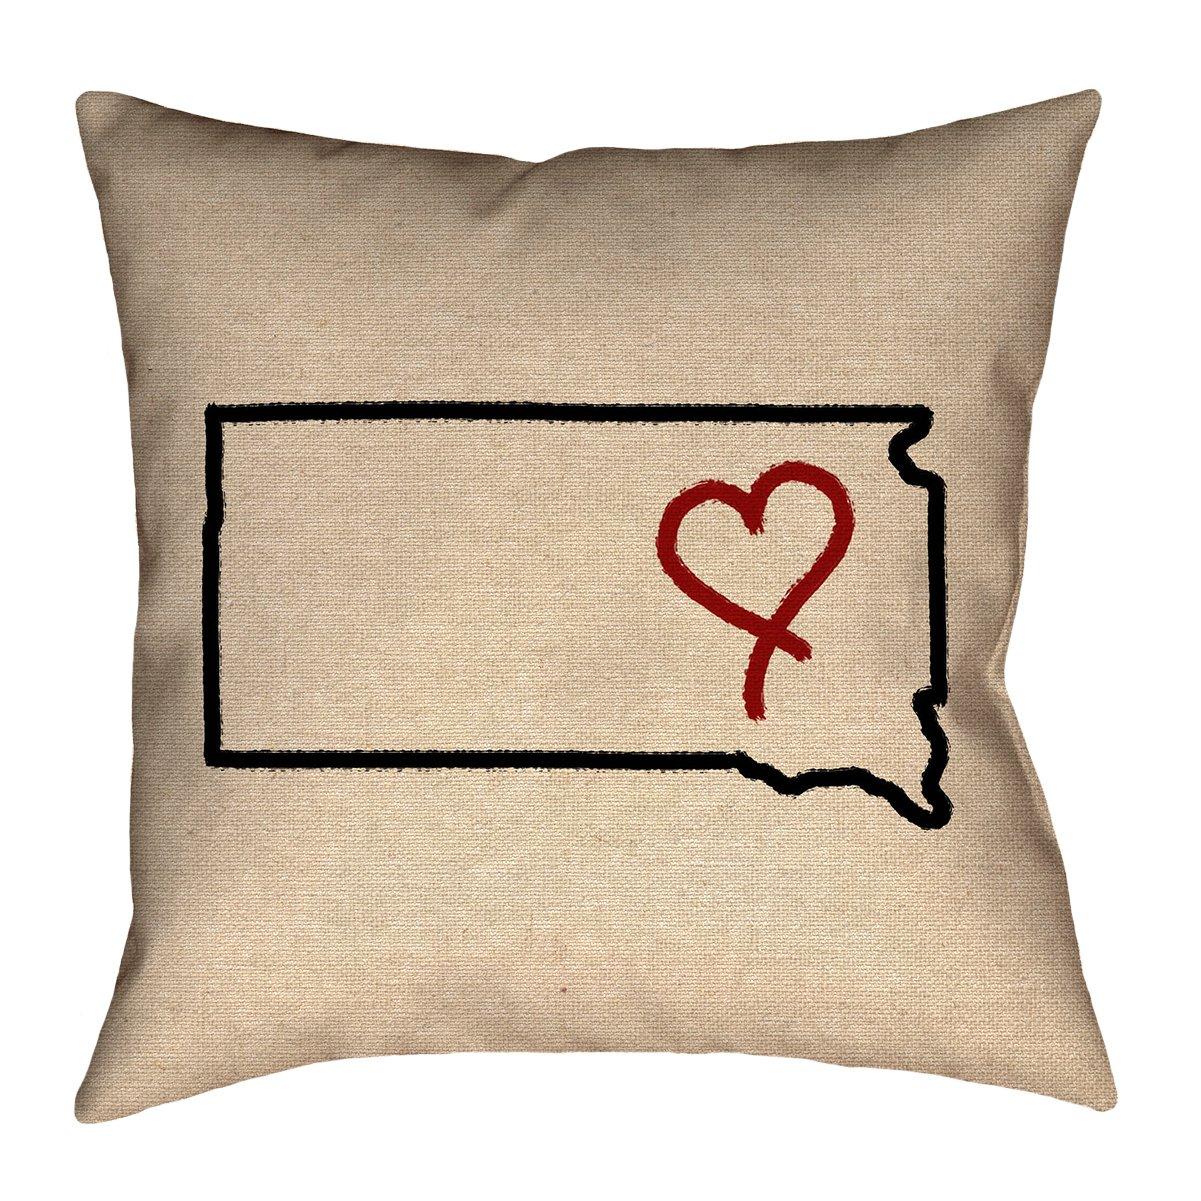 ArtVerse Katelyn Smith 16' x 16' Spun Polyester South Dakota Love Pillow